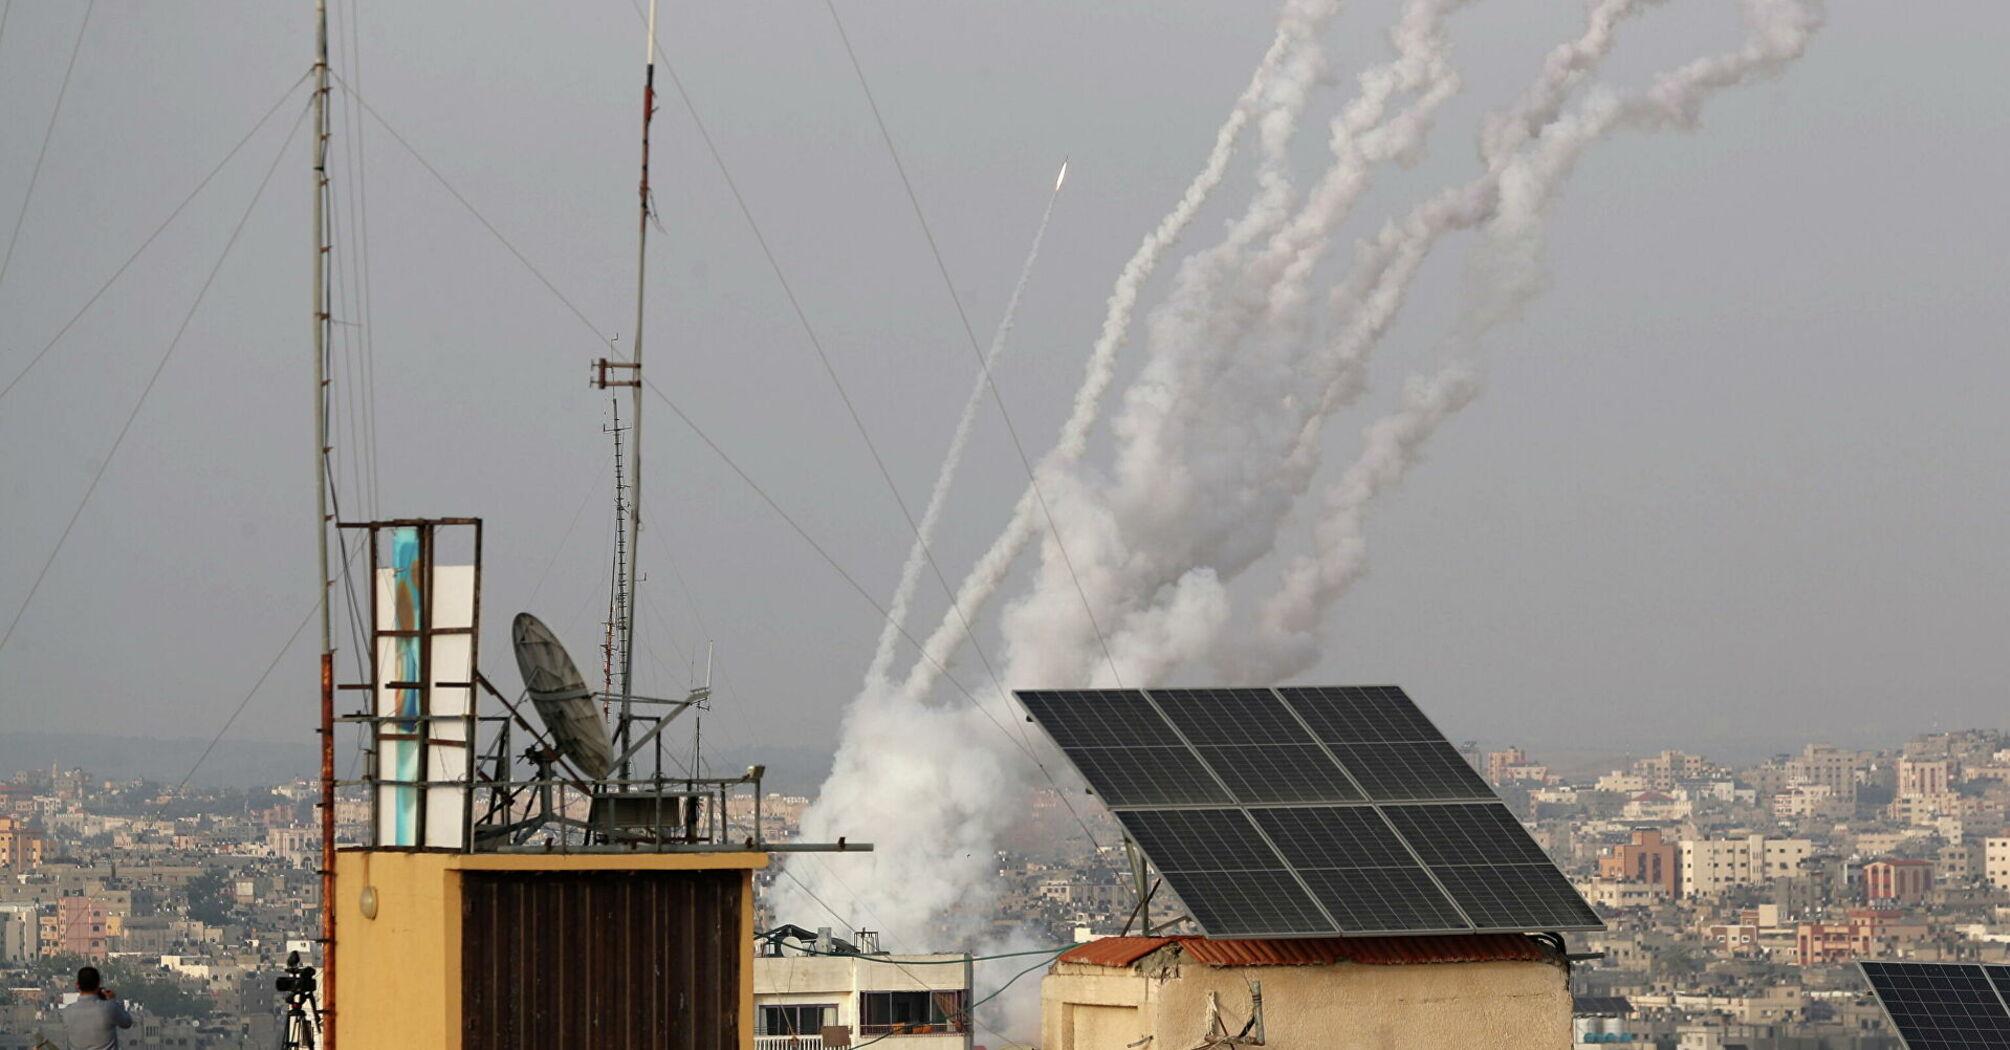 МИД Украины отреагировал на ситуацию в Израиле